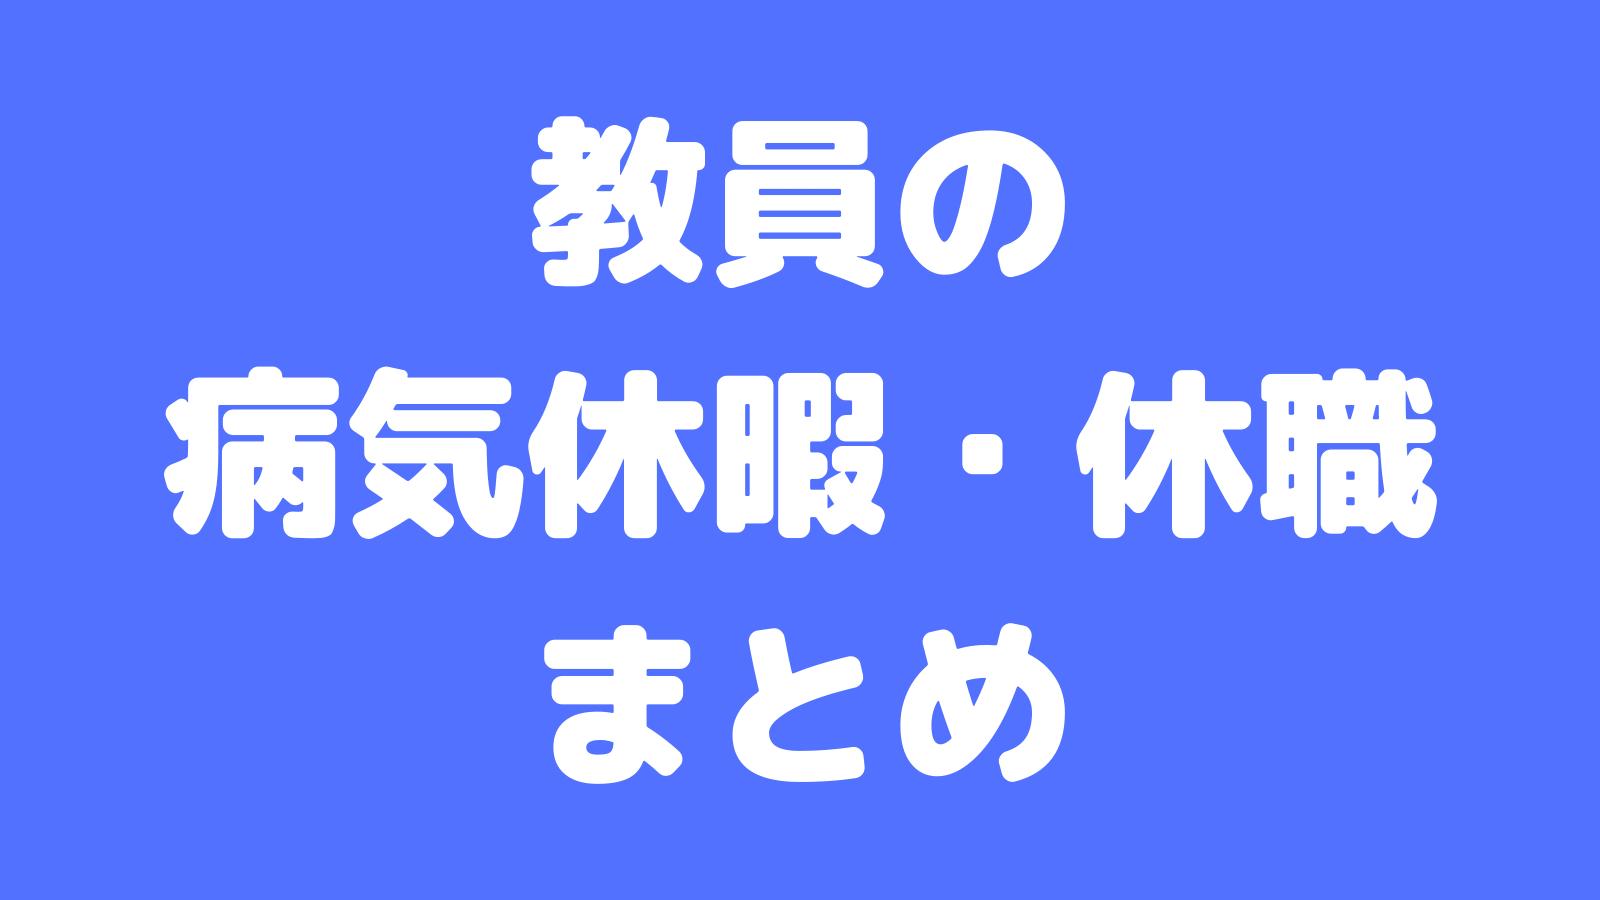 【まとめ】教員の病気休暇(病休)と休職   パニうつみほ先生 ...